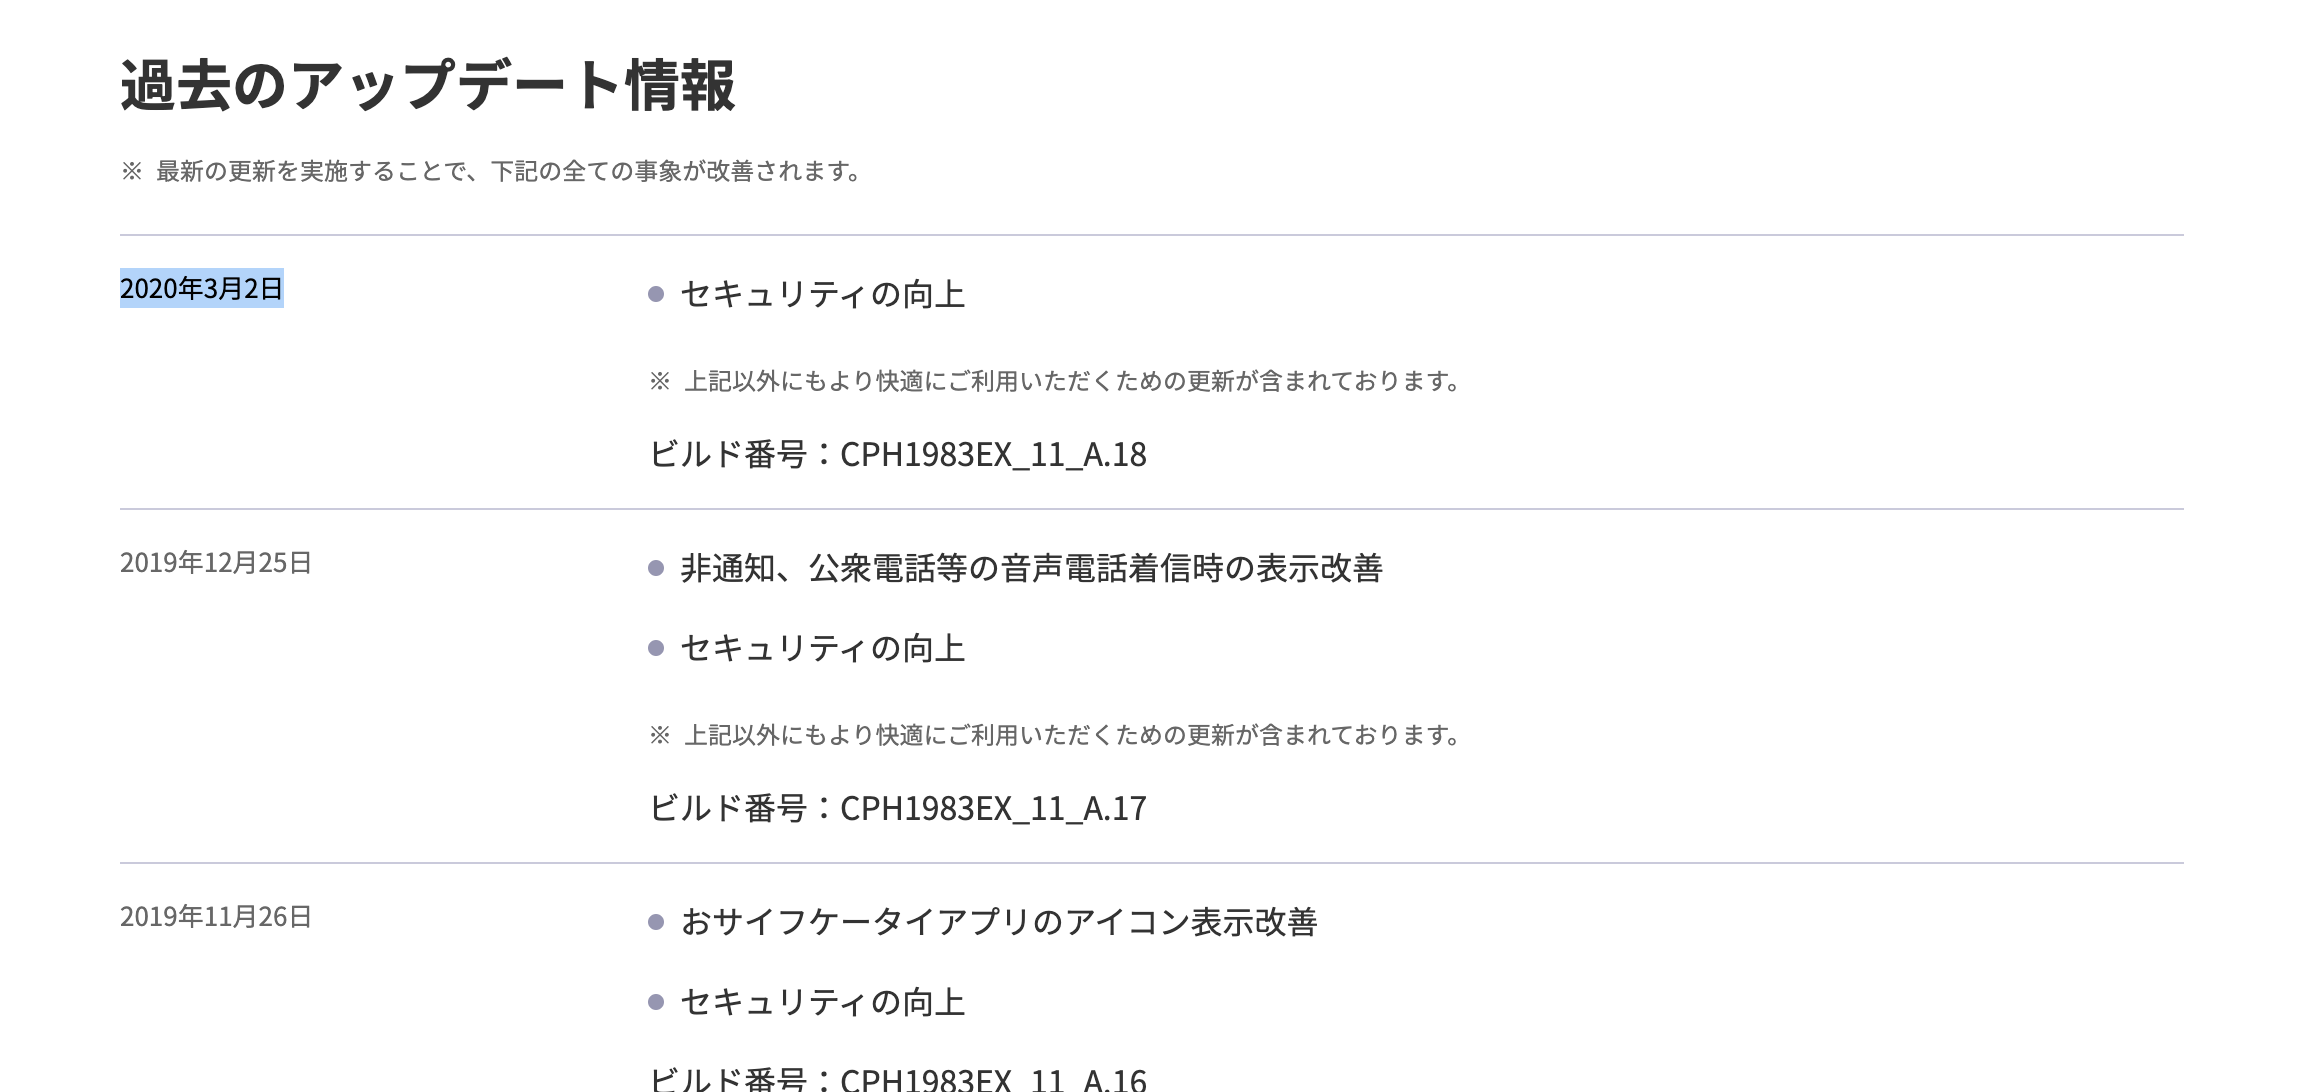 f:id:Azusa_Hirano:20200722095306p:plain